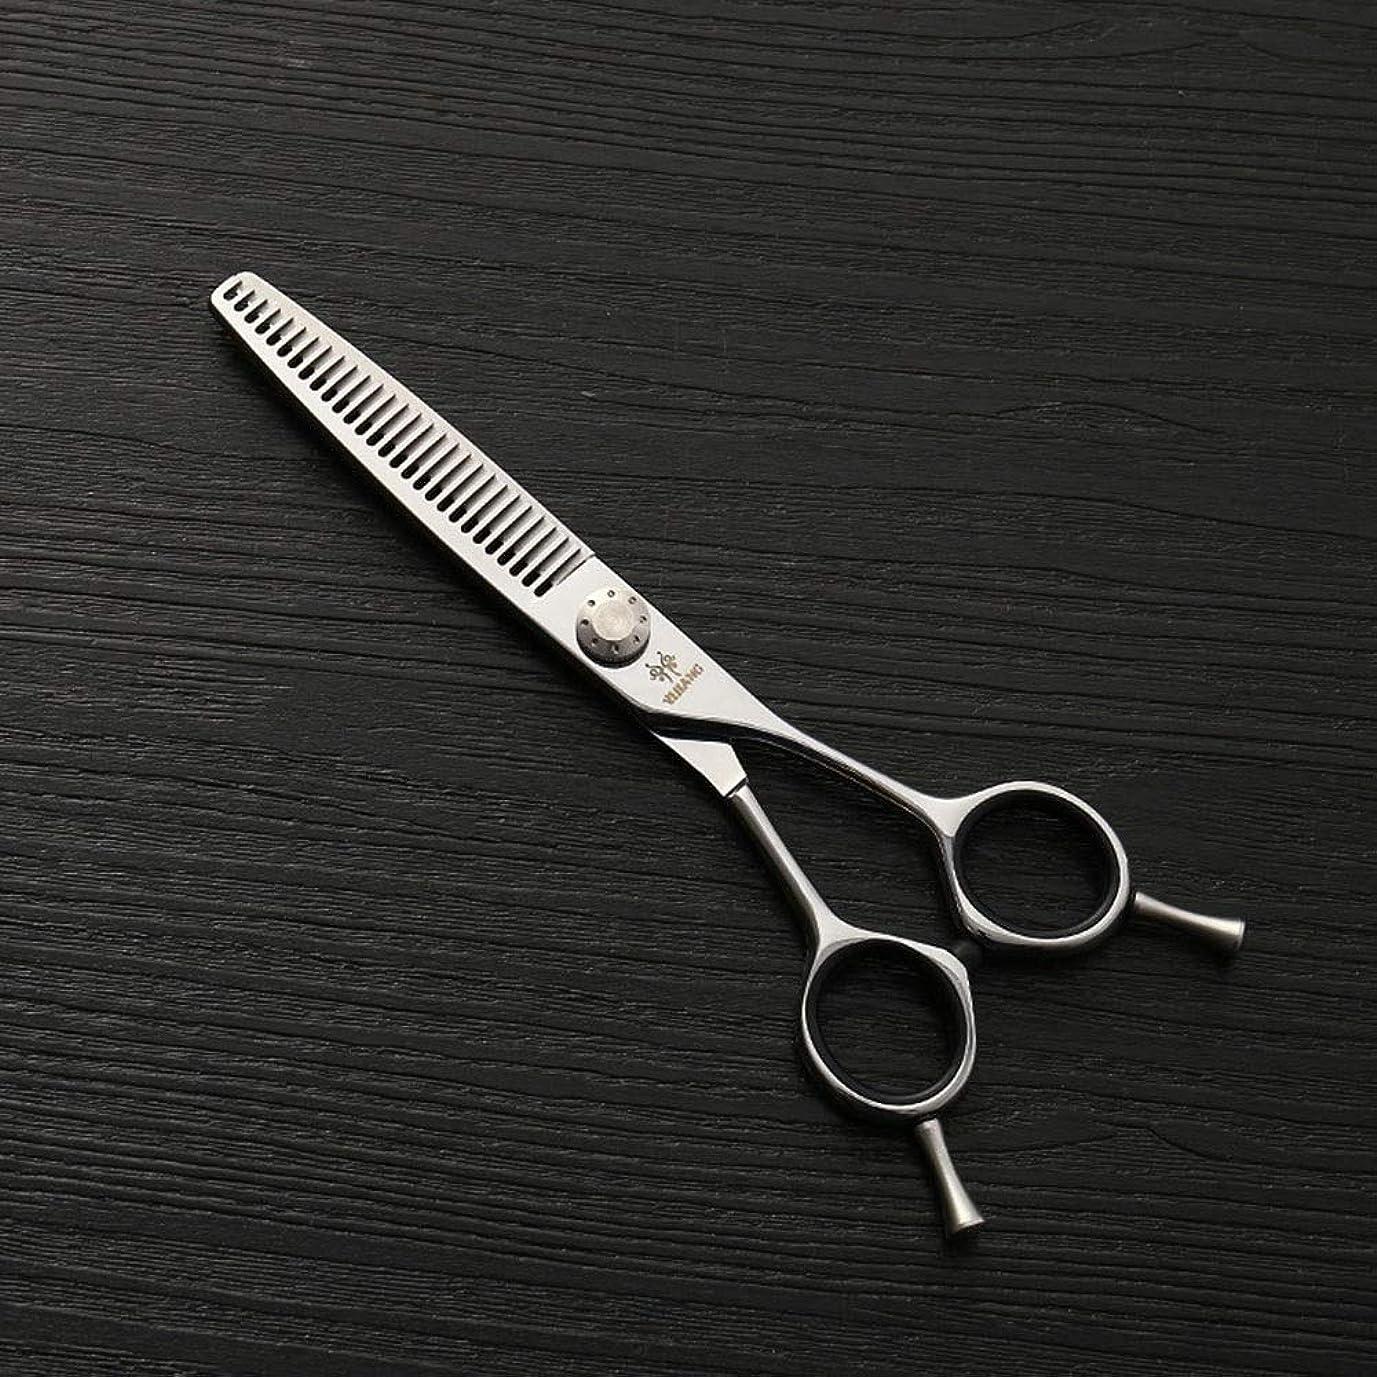 干渉する異なる選挙6インチの美容院の専門のステンレス鋼の毛の切断用具はさみ、細い歯の切断の魚骨はさみ モデリングツール (色 : Silver)